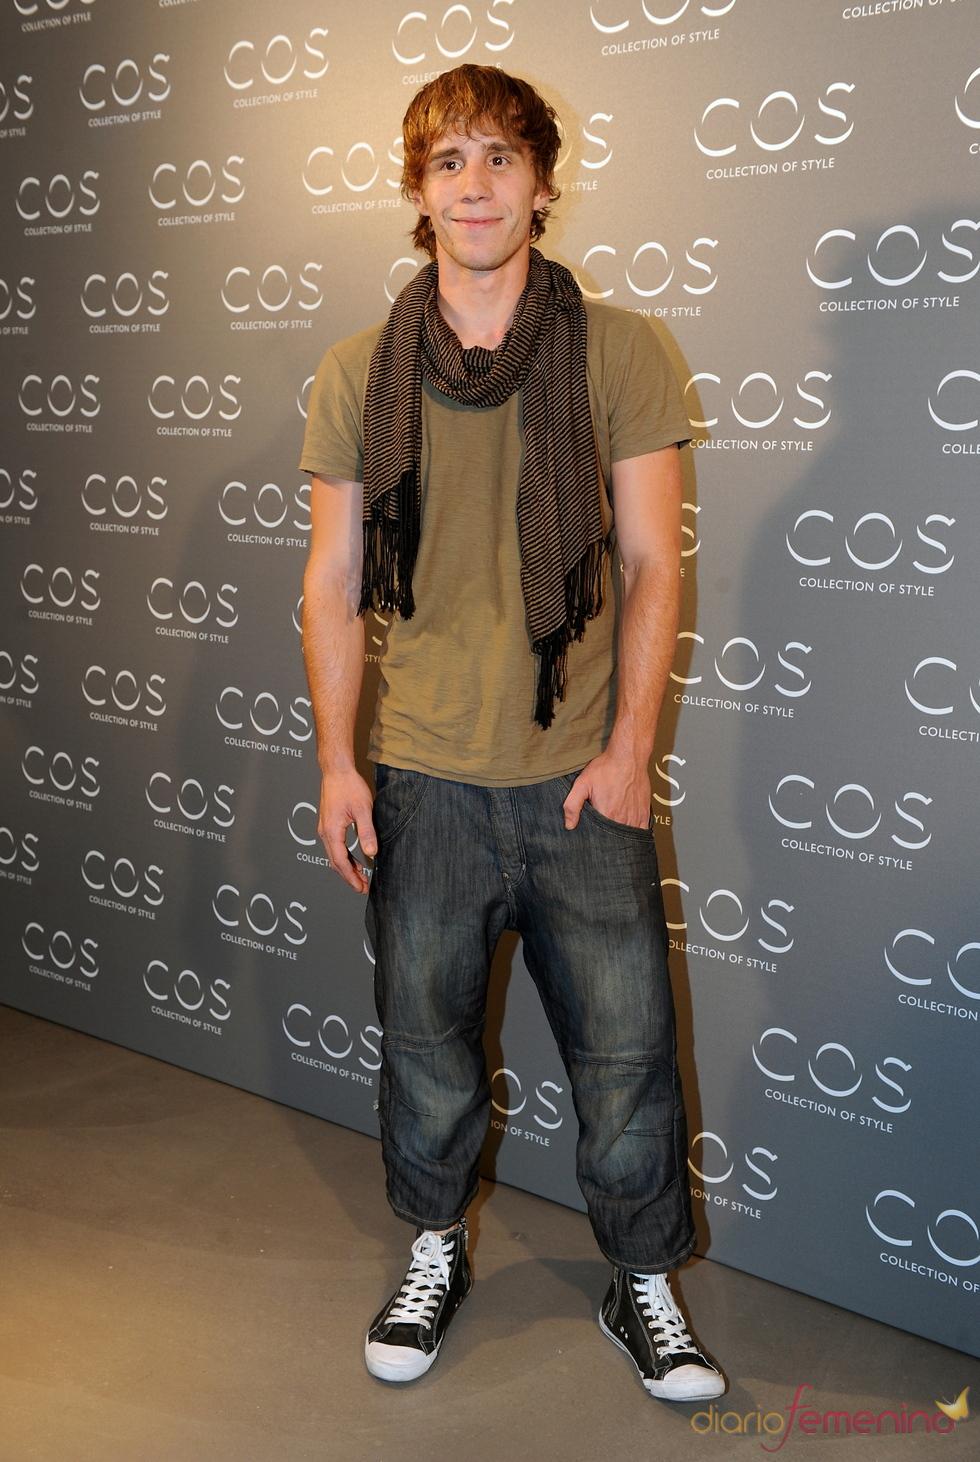 Bernabé Fernández en la presentación de la tienda COS en Madrid